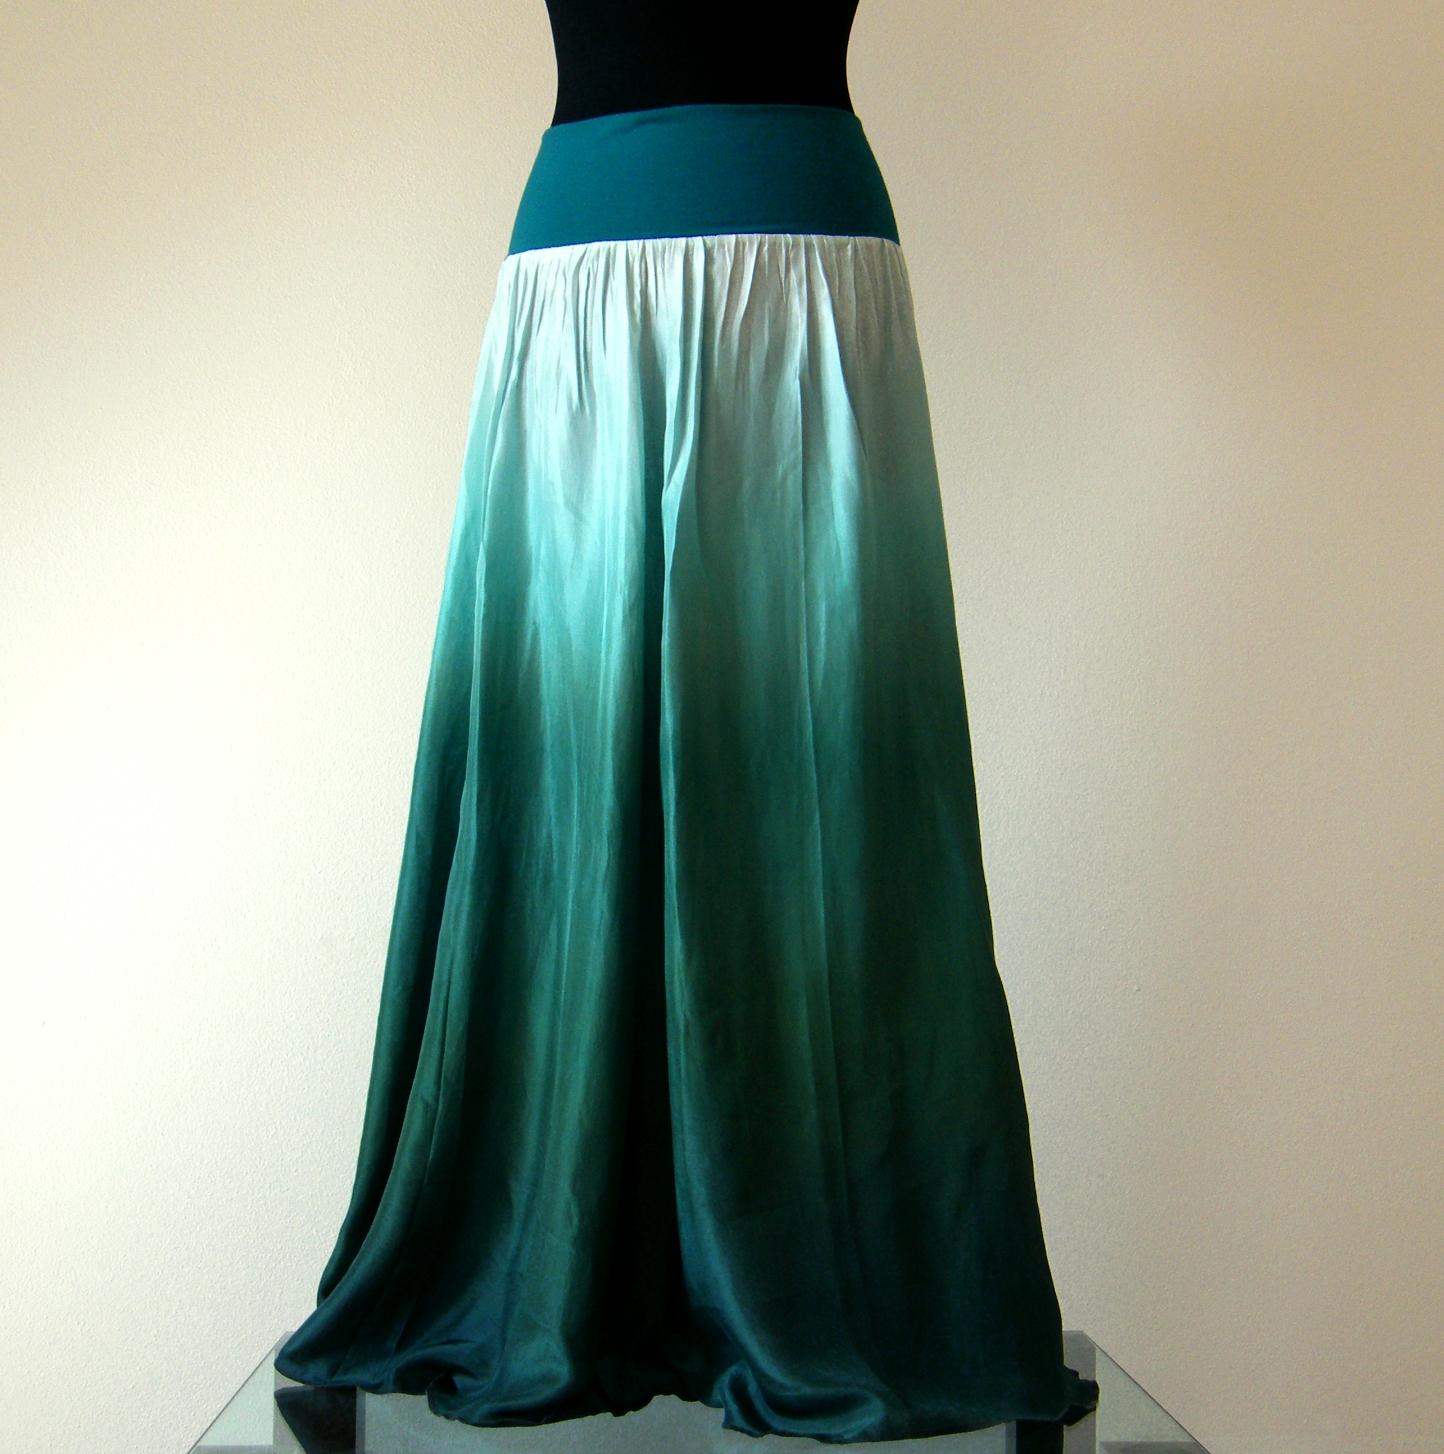 32218065802 Temně zelená...dlouhá hedvábná sukně (bez spodničky)   Zboží prodejce  laduse